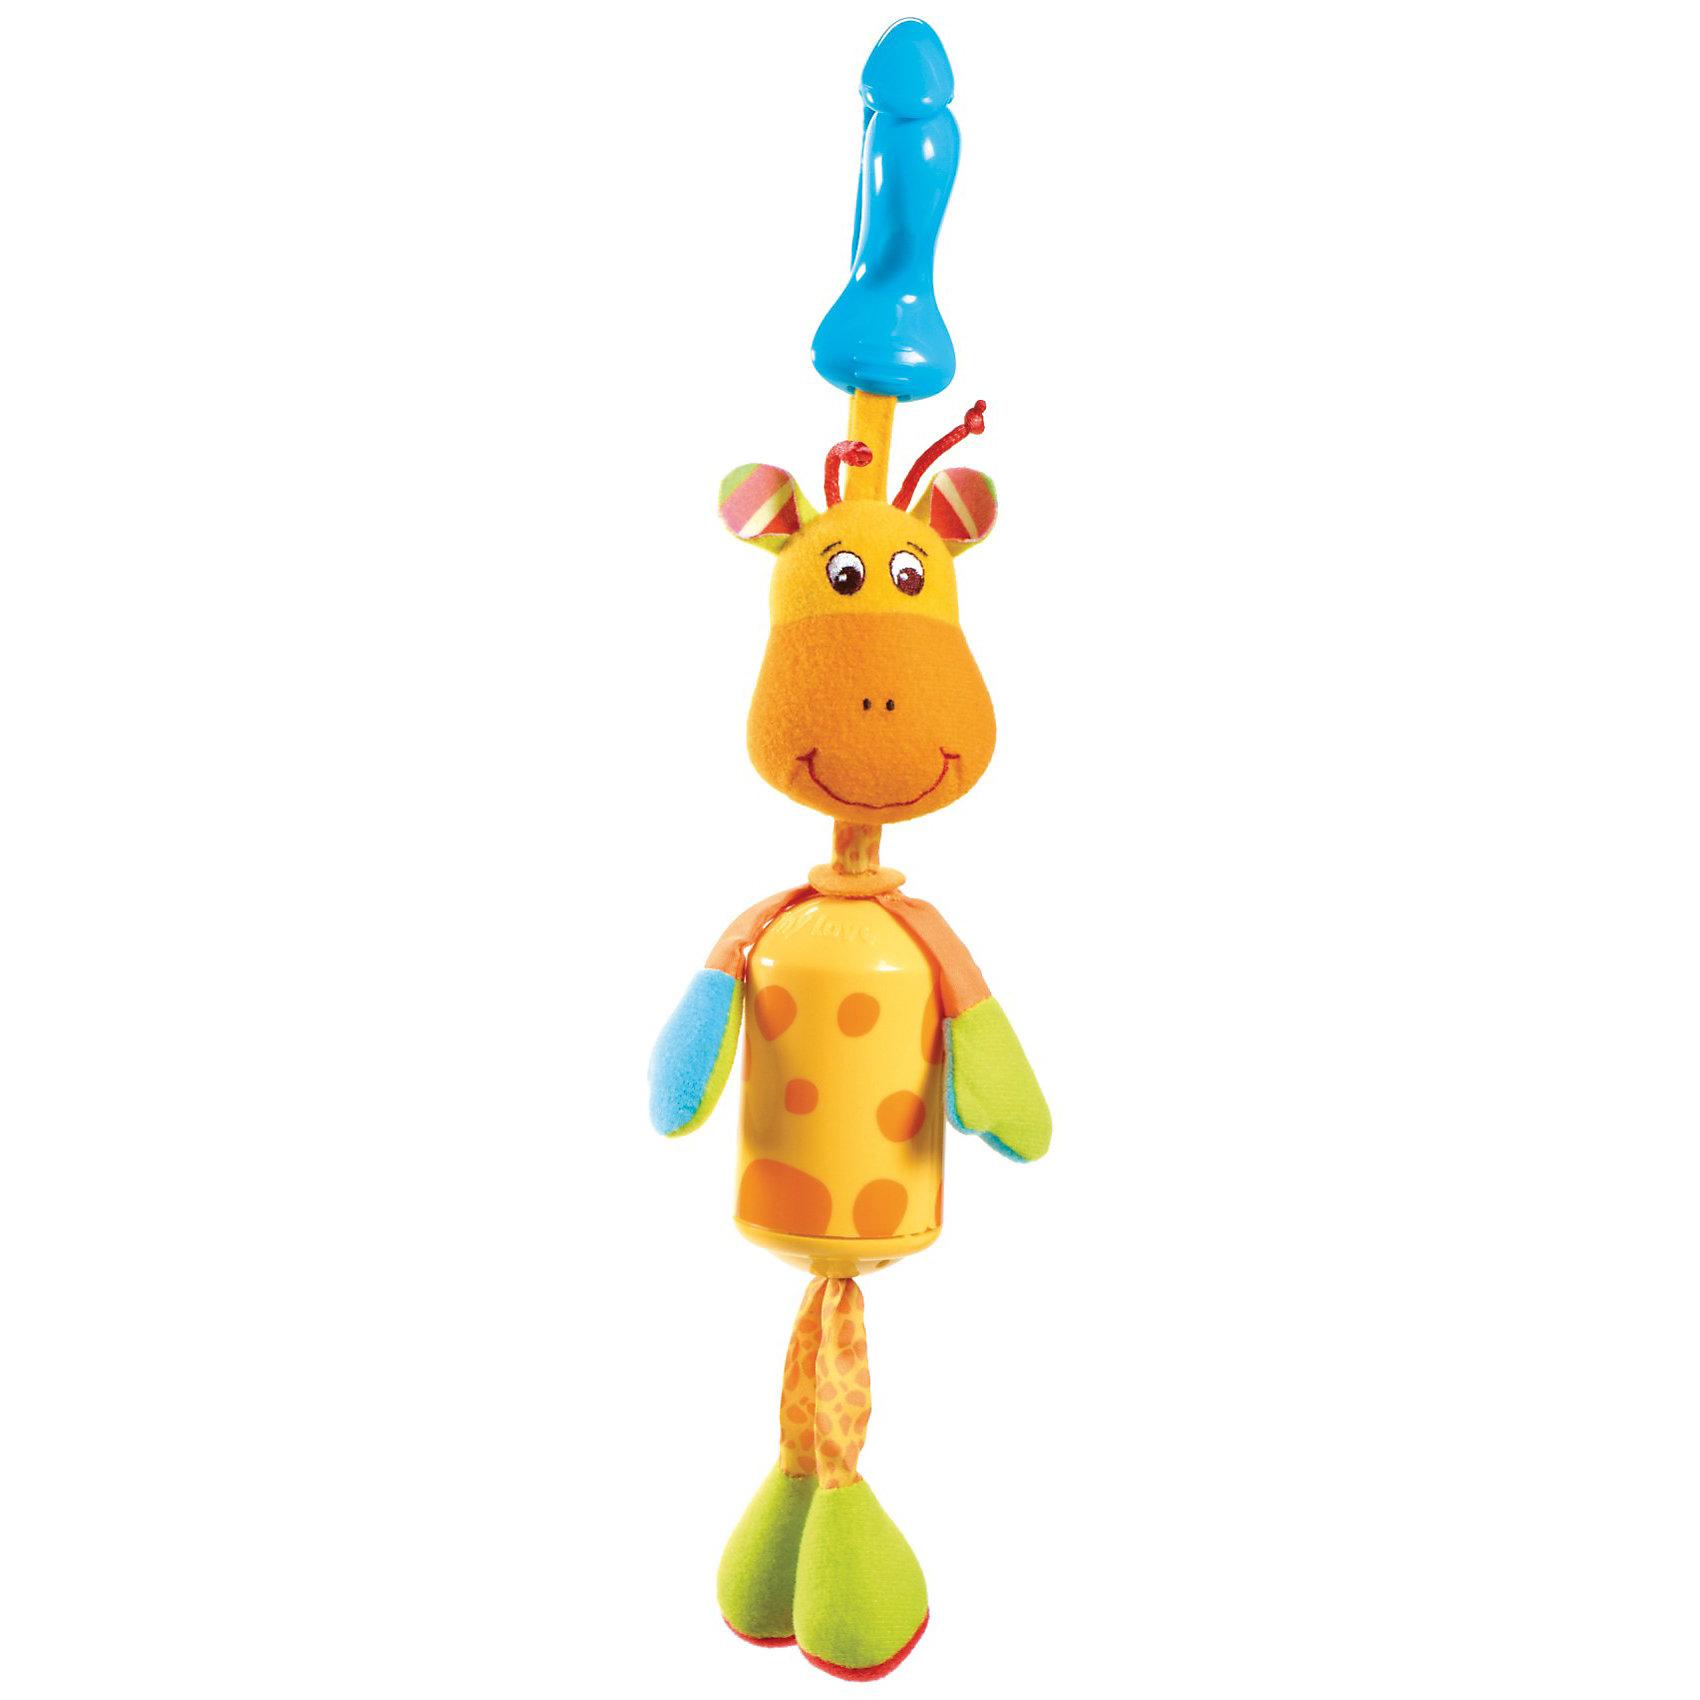 Подвес-колокольчик жираф Самсон, Tiny LoveПодвес-колокольчик жираф Самсон - яркая и симпатичная развивающая игрушка-подвеска со звуковыми эффектами. <br><br>Игрушка выполнена в виде стилизованного ветряного колокольчика. Тело игрушки  выполнено из фарфорового пластика, мордочка, ручки и ножки  - из приятных текстильных материалов различной фактуры.<br>У Самсона очень милая симпатичная мордочка, которая наверняка понравится крохе. Ножки жирафа выполнены из мягкого материала с хрустящим наполнителем,  они легко мнутся и замечательно шуршат. Лапки-верёвочки подвижные, их можно трогать, теребить, поворачивать и сгибать как угодно. Тельце Жирафа – яркий пластиковый цилиндр с геометрическим рисунком, даже при лёгком прикосновении к игрушке он издаёт негромкий и приятный мелодичный звук, сродний звону ветряных колокольчиков, и привлекает тем самым внимание ребёнка. <br>Игрушка с помощью пластикового крабика-клипсы легко и быстро закрепляется на кроватке, прогулочной коляске или кресле малыша, а также к дугам развивающего центра.<br><br>Дополнительная инфоррмация:<br><br>- Материалы: фарфоровый пластик, текстиль.<br>- Звуковые эффекты.<br>- Крепление-крабик.<br><br>Подвес-колокольчик жираф Самсон, Tiny Love (Тини Лав) можно купить в нашем интернет магазине.<br><br>Ширина мм: 70<br>Глубина мм: 130<br>Высота мм: 340<br>Вес г: 128<br>Возраст от месяцев: 0<br>Возраст до месяцев: 24<br>Пол: Унисекс<br>Возраст: Детский<br>SKU: 2620734